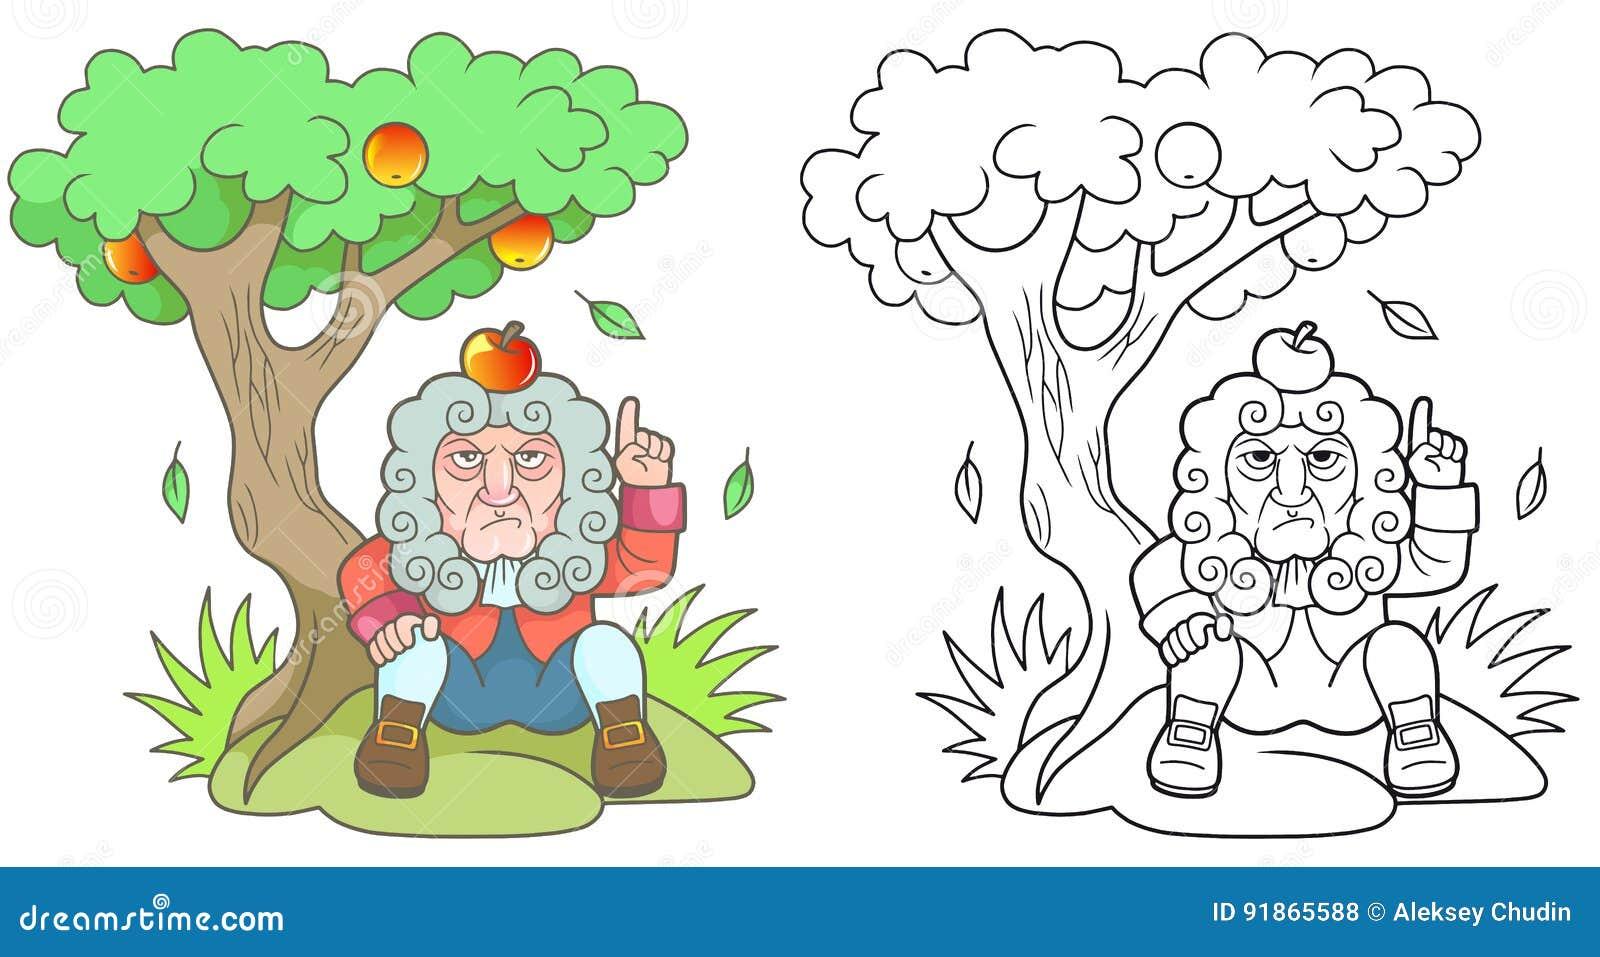 Newton Karikatur Stock Illustrationen Vektors Klipart 91